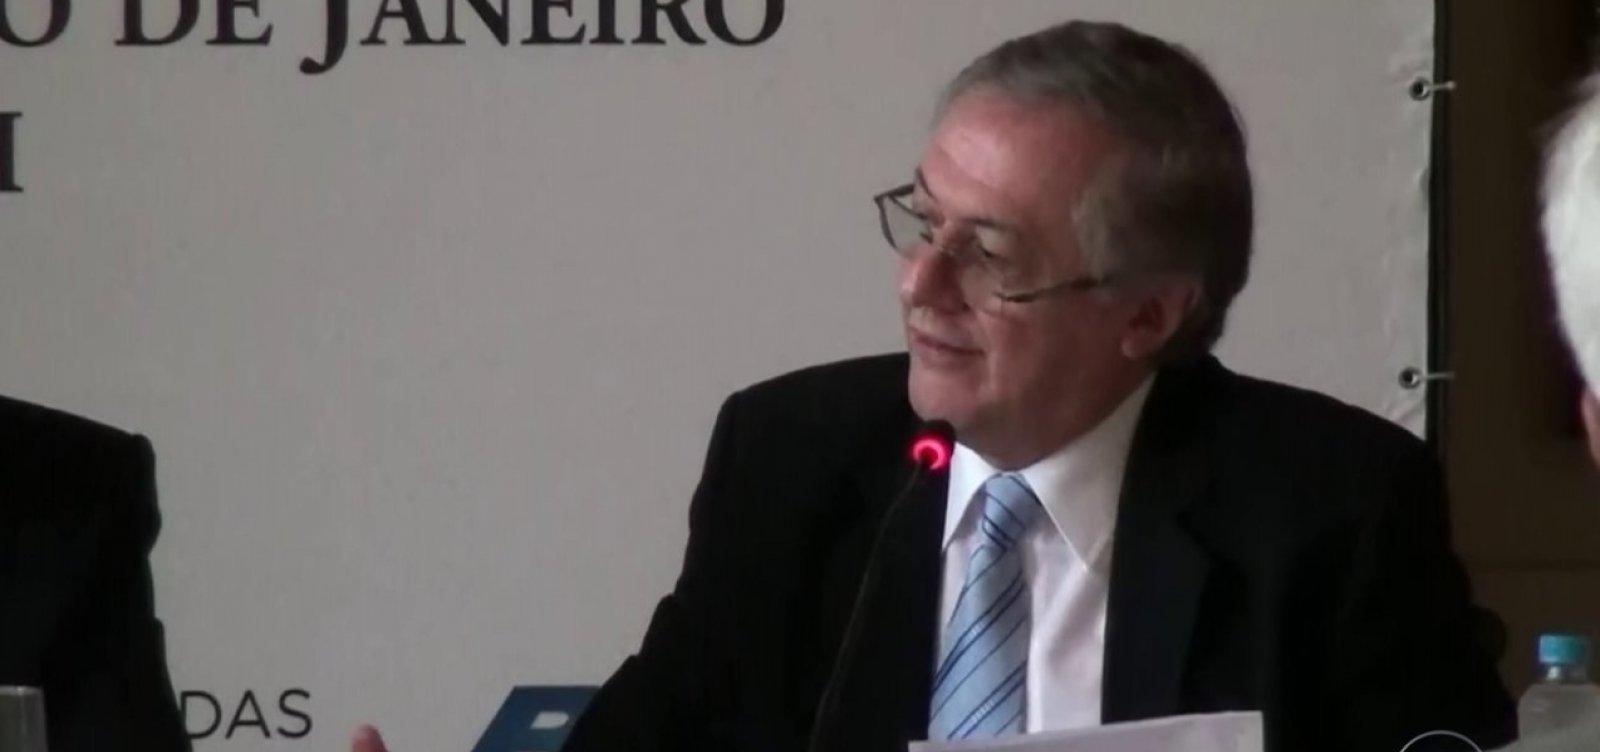 [Futuro ministro da Educação diz que 'ninguém vai impedir' Bolsonaro de ver o Enem antes]